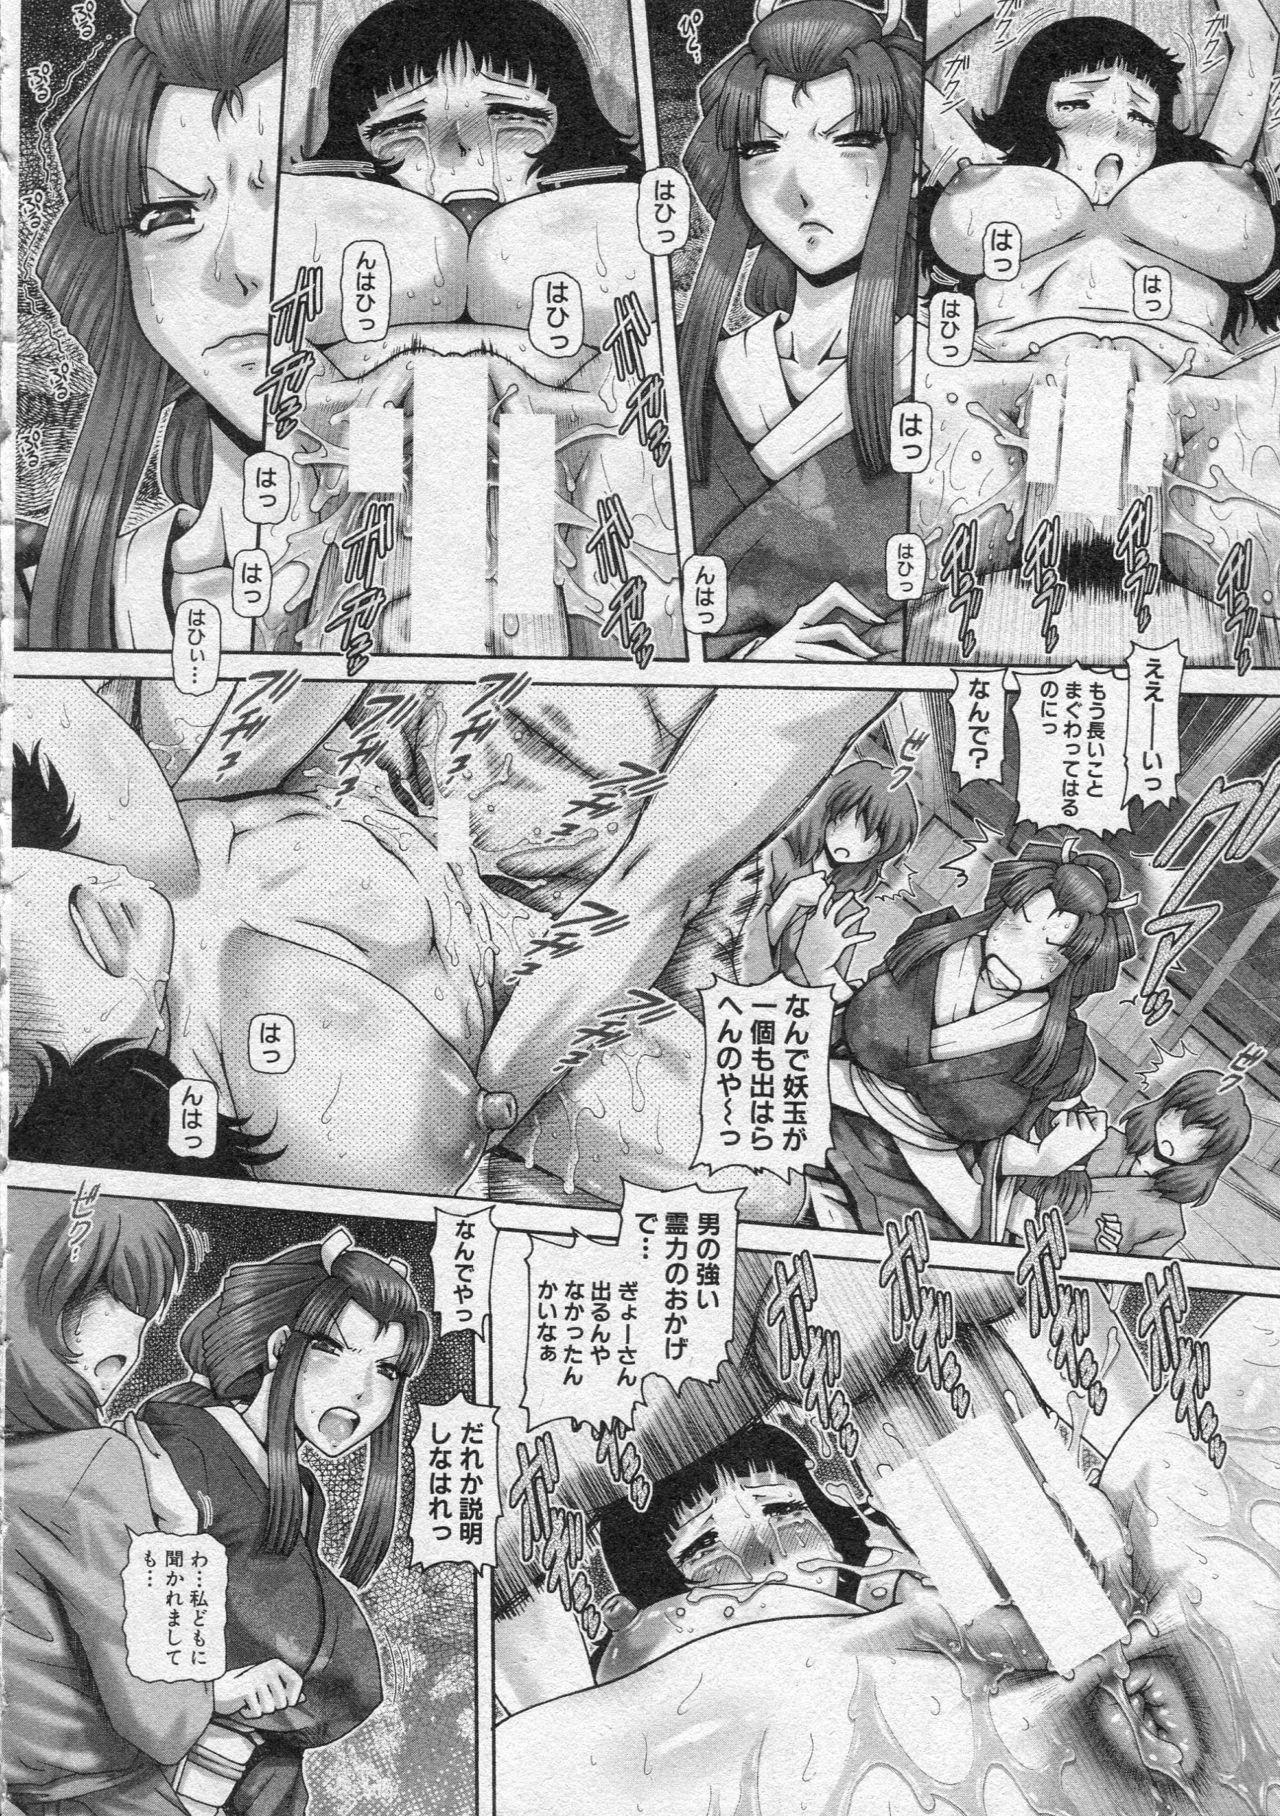 Ayakashiyakata no Tamahime 187